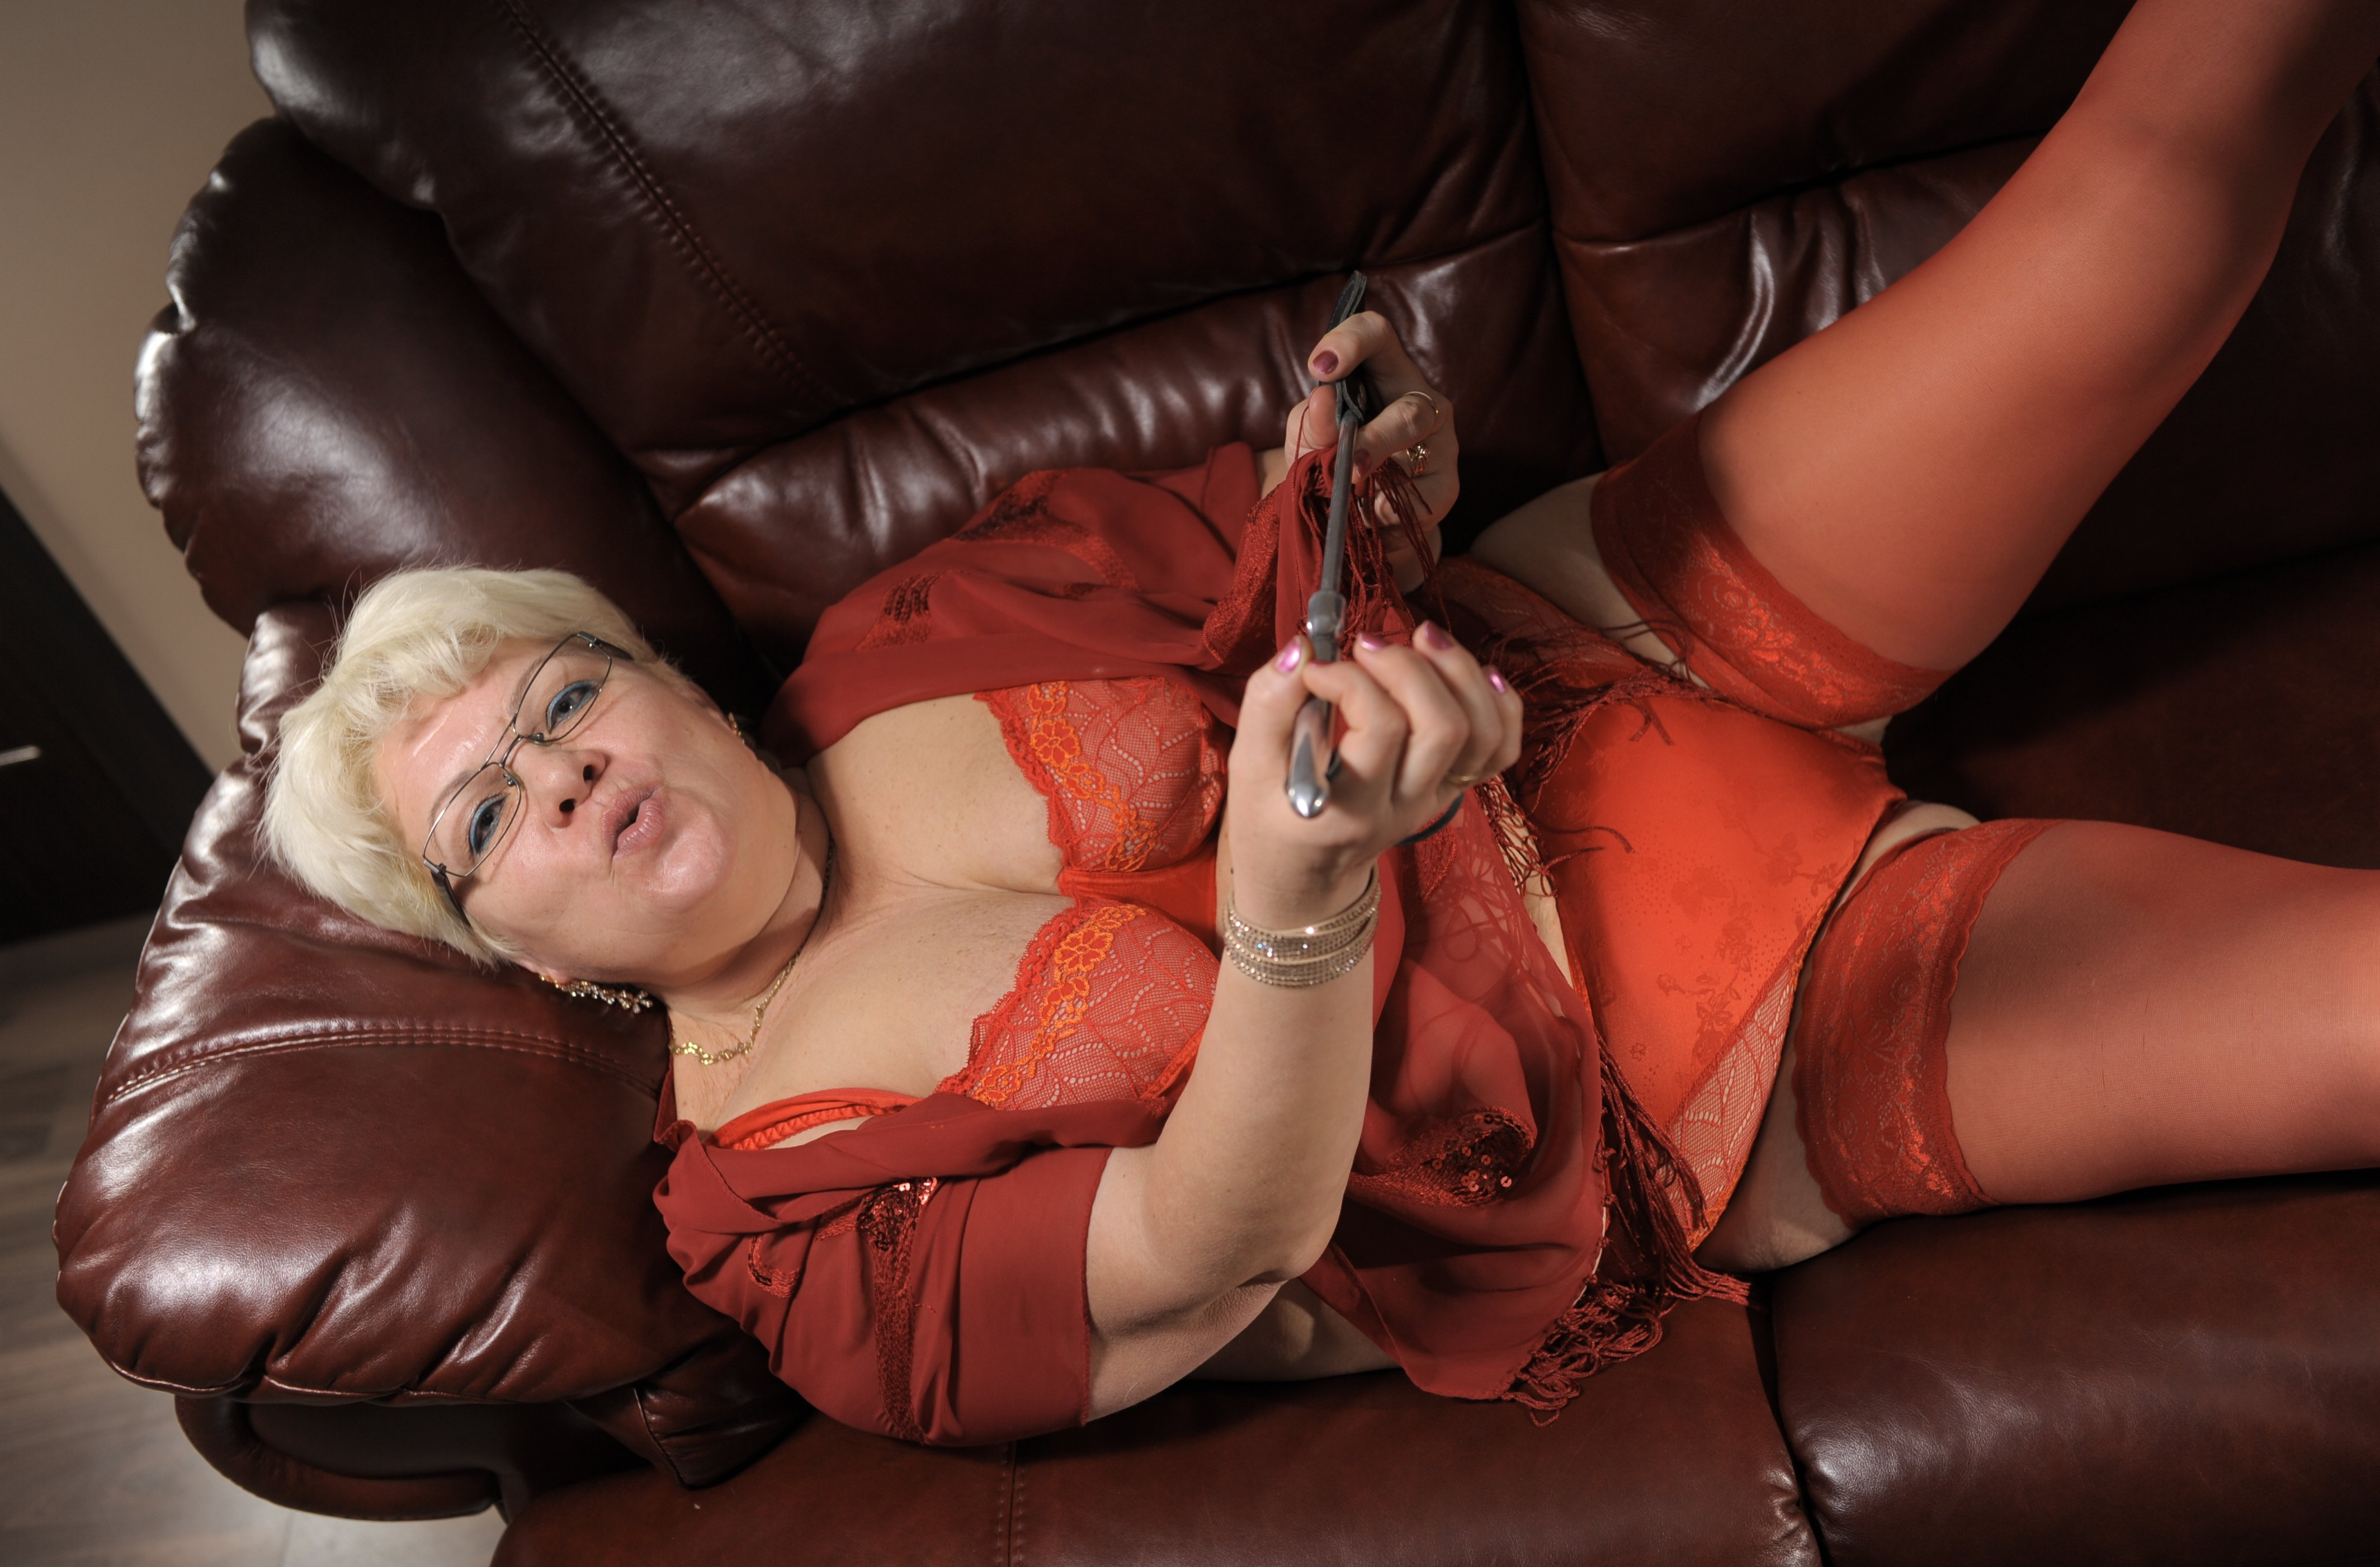 индивидуалки проститутки пожилые задирает юбку